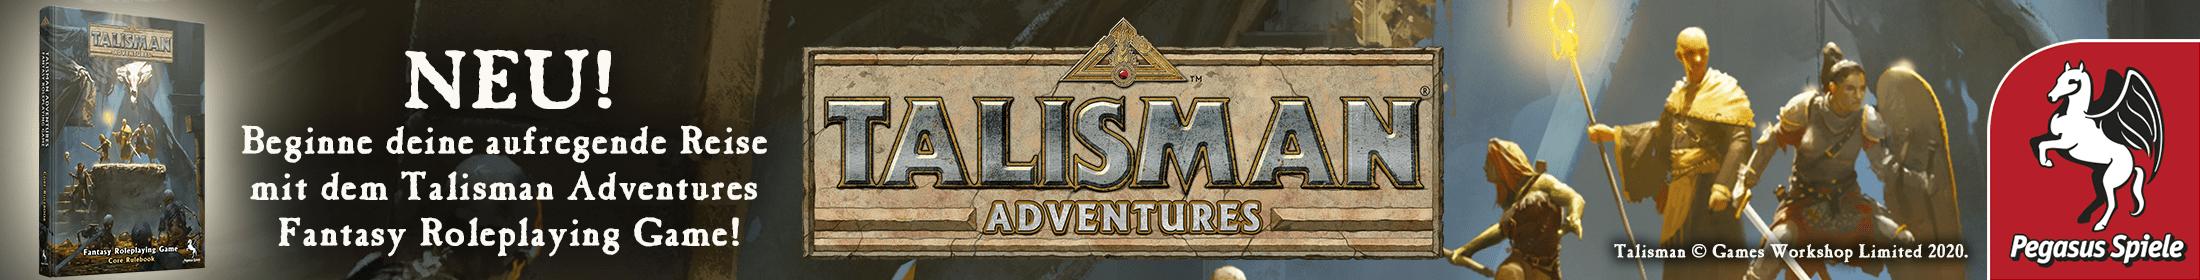 Talisman @ Pegasus Digital